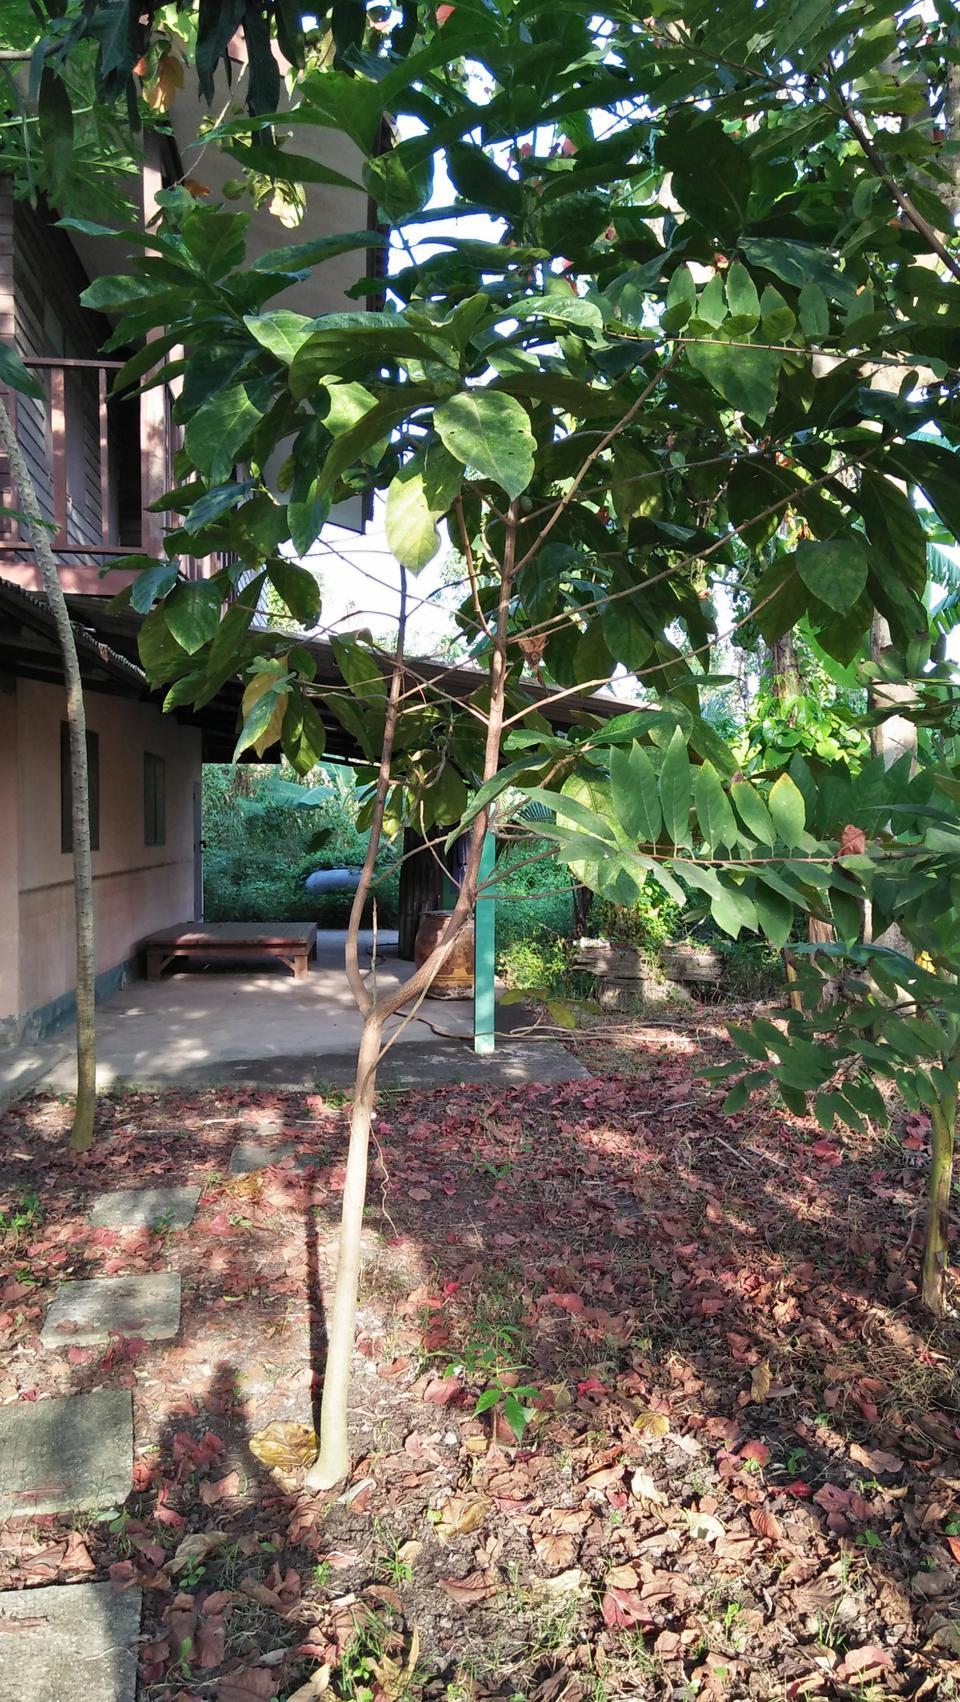 ที่ดินพร้อมบ้านเล็กๆสวนไร่กว่าเหมาะทำบ้านสวนใกล้คลอง ถนน ไร่ รูปที่ 1